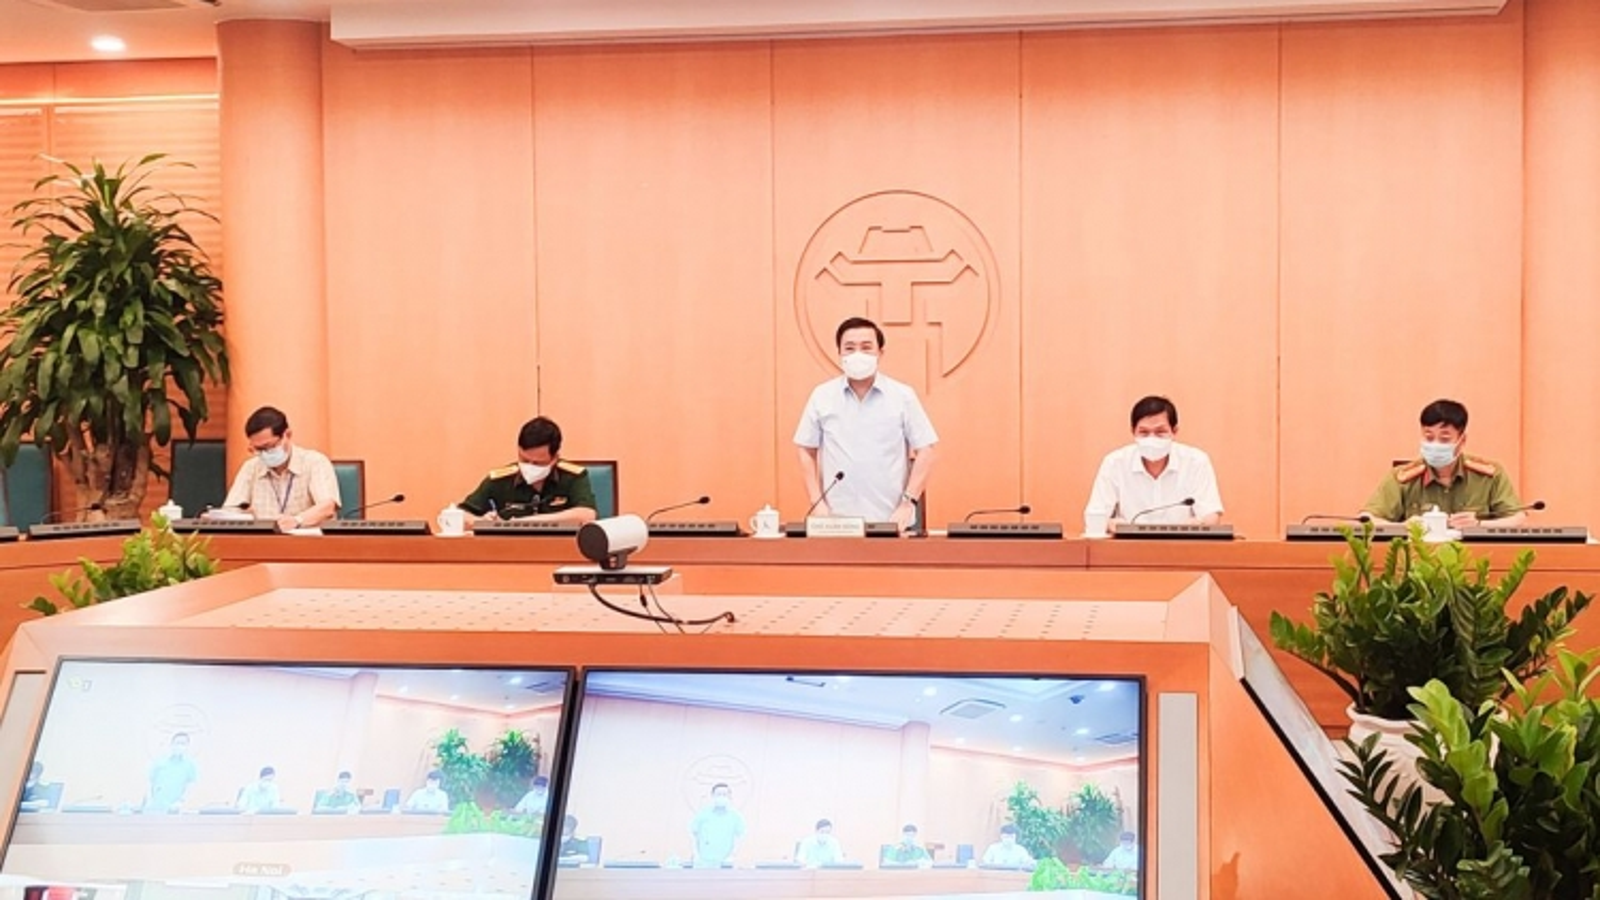 Nguy cơ dịch COVID-19 ở Hà Nội vẫn rất cao, tuyệt đối không được chủ quan